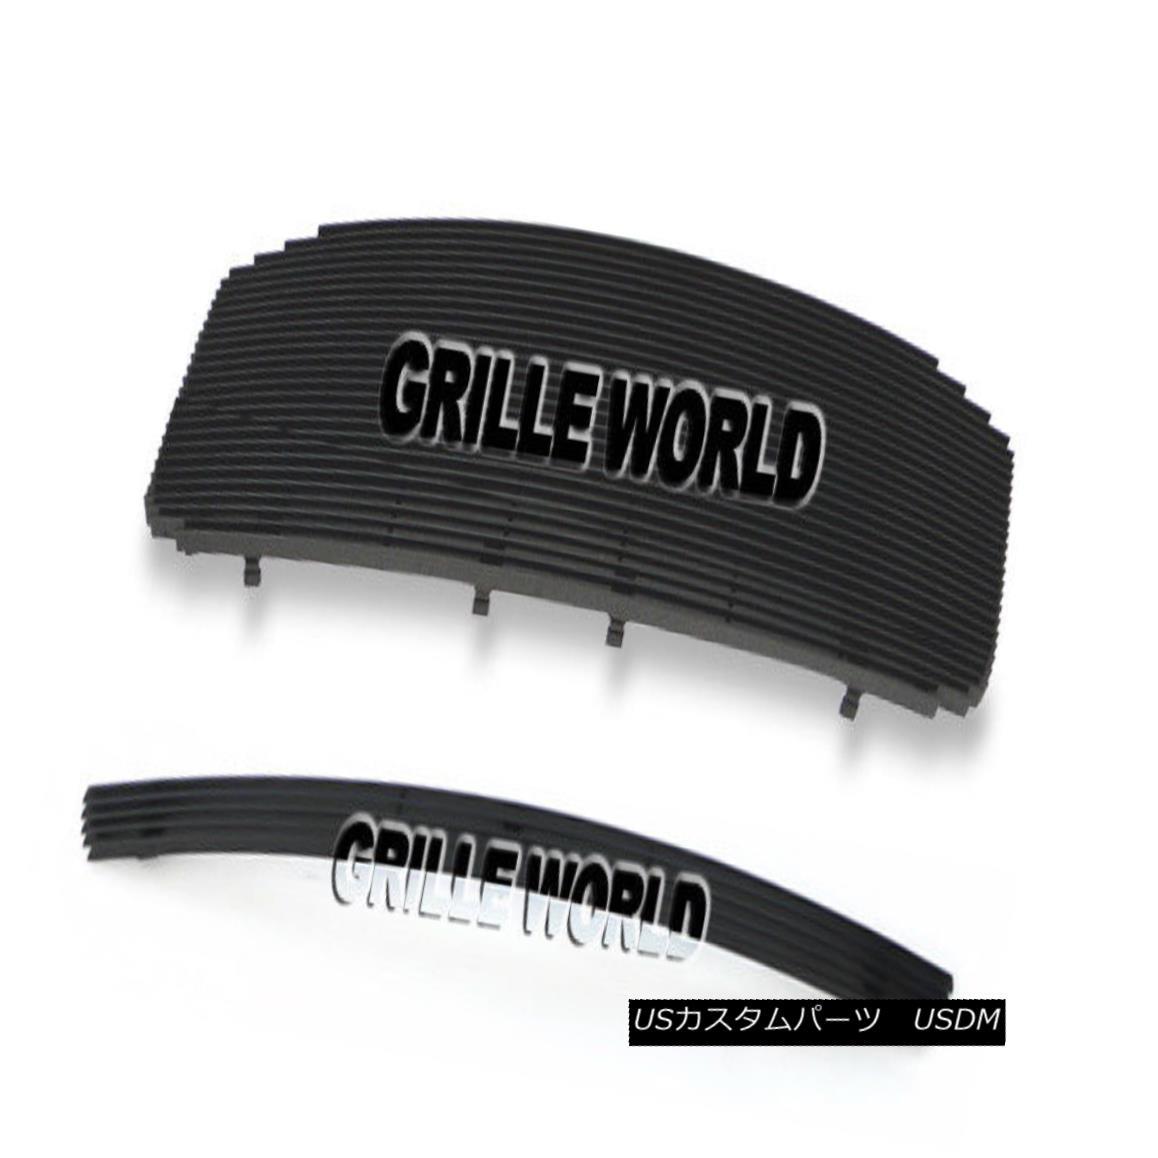 グリル For 06-08 Dodge Ram Regular Model Black Billet Premium Grille Combo 06-08ダッジラムレギュラーモデルブラックビレットプレミアムグリルコンボ用